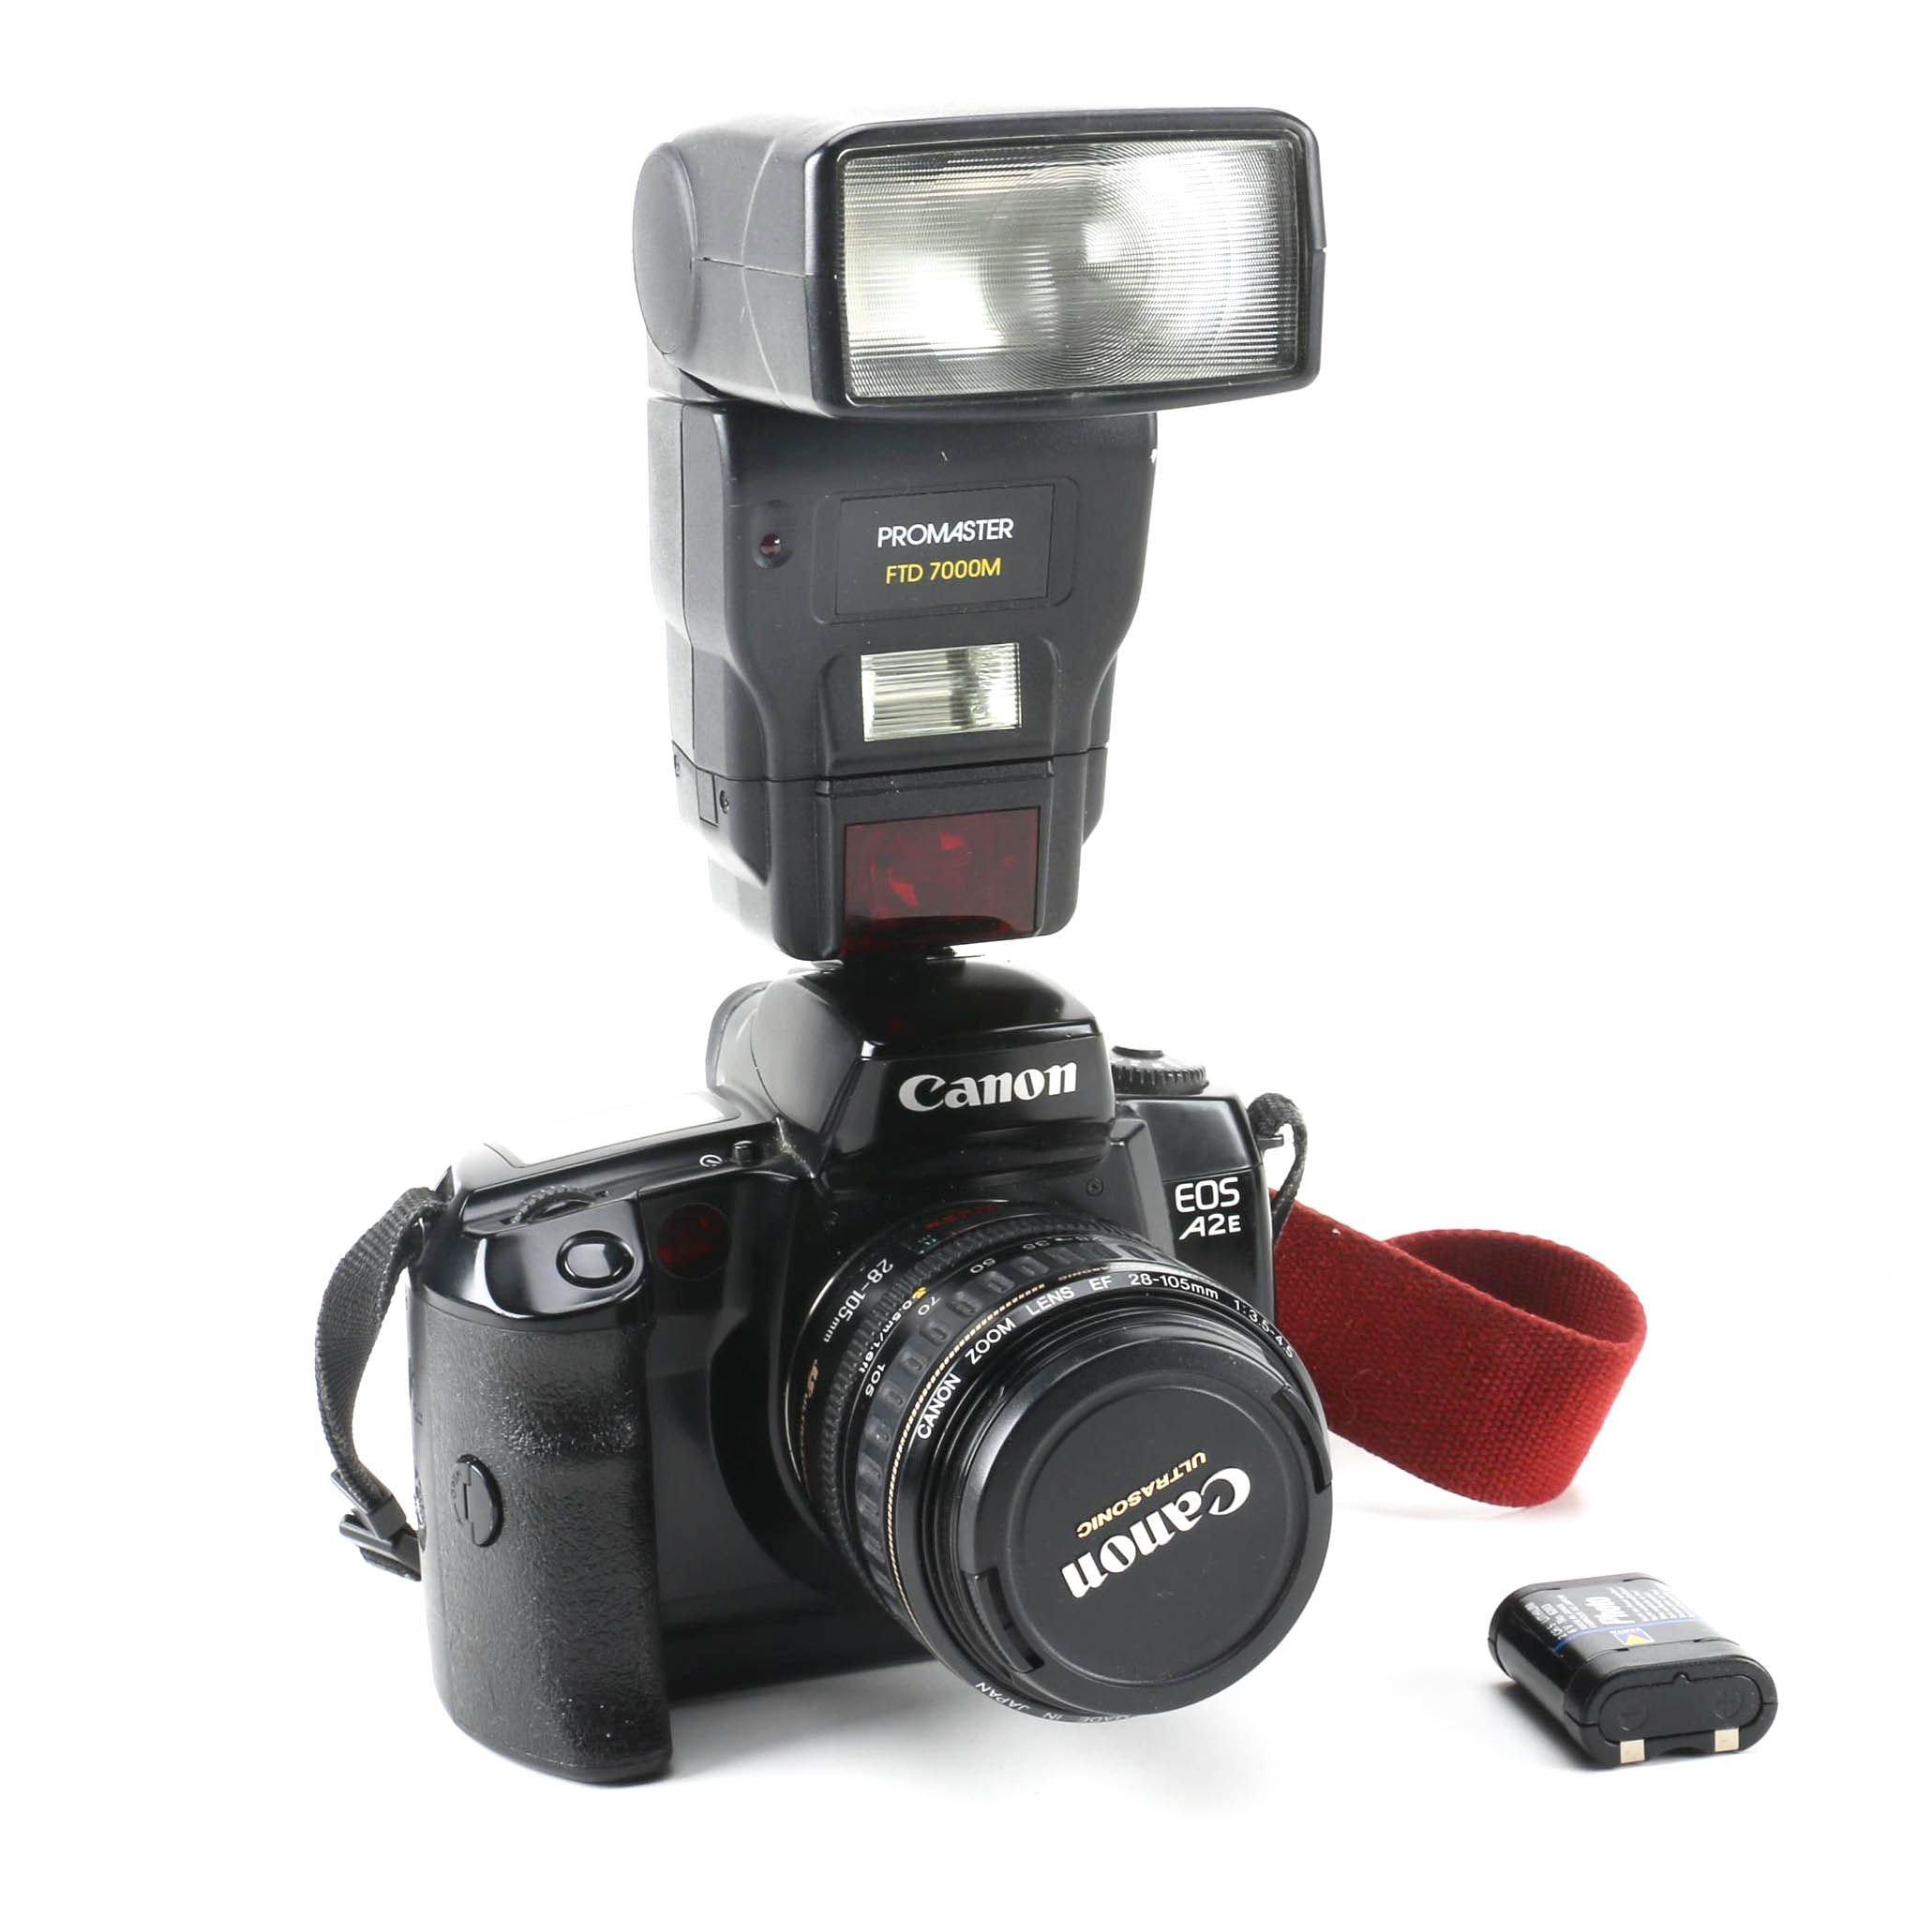 Canon EOS A2E with Promaster Flash